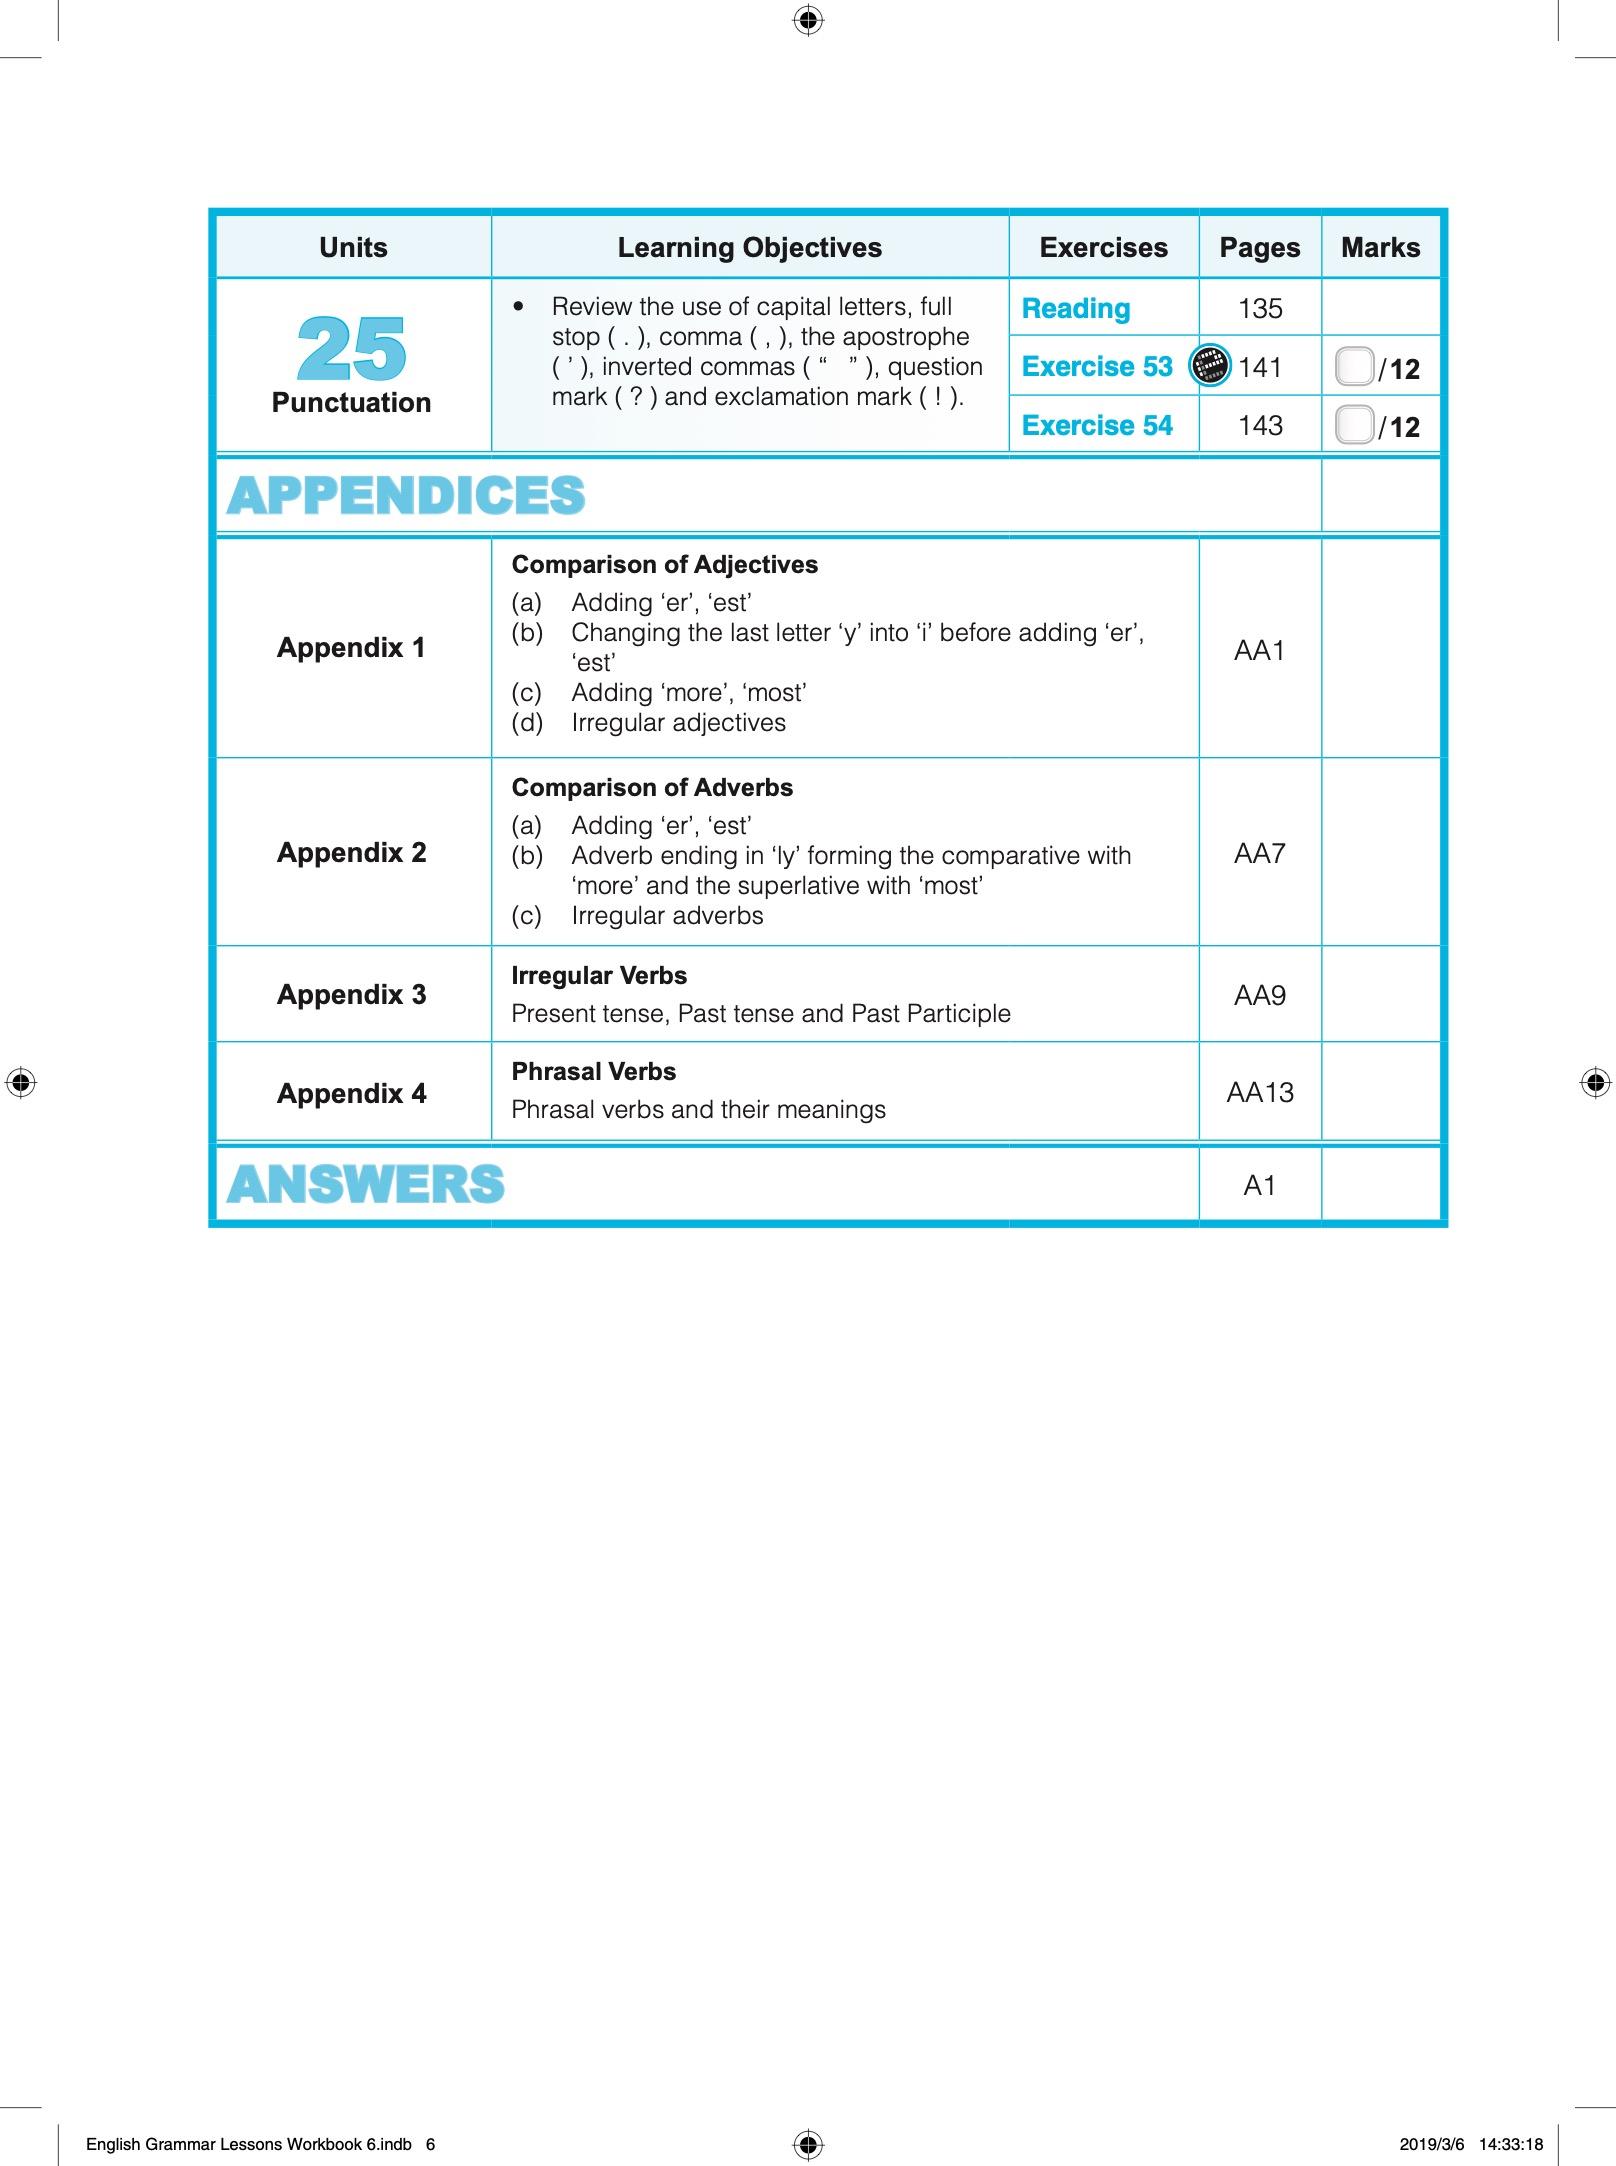 3216235_Preface-1 7